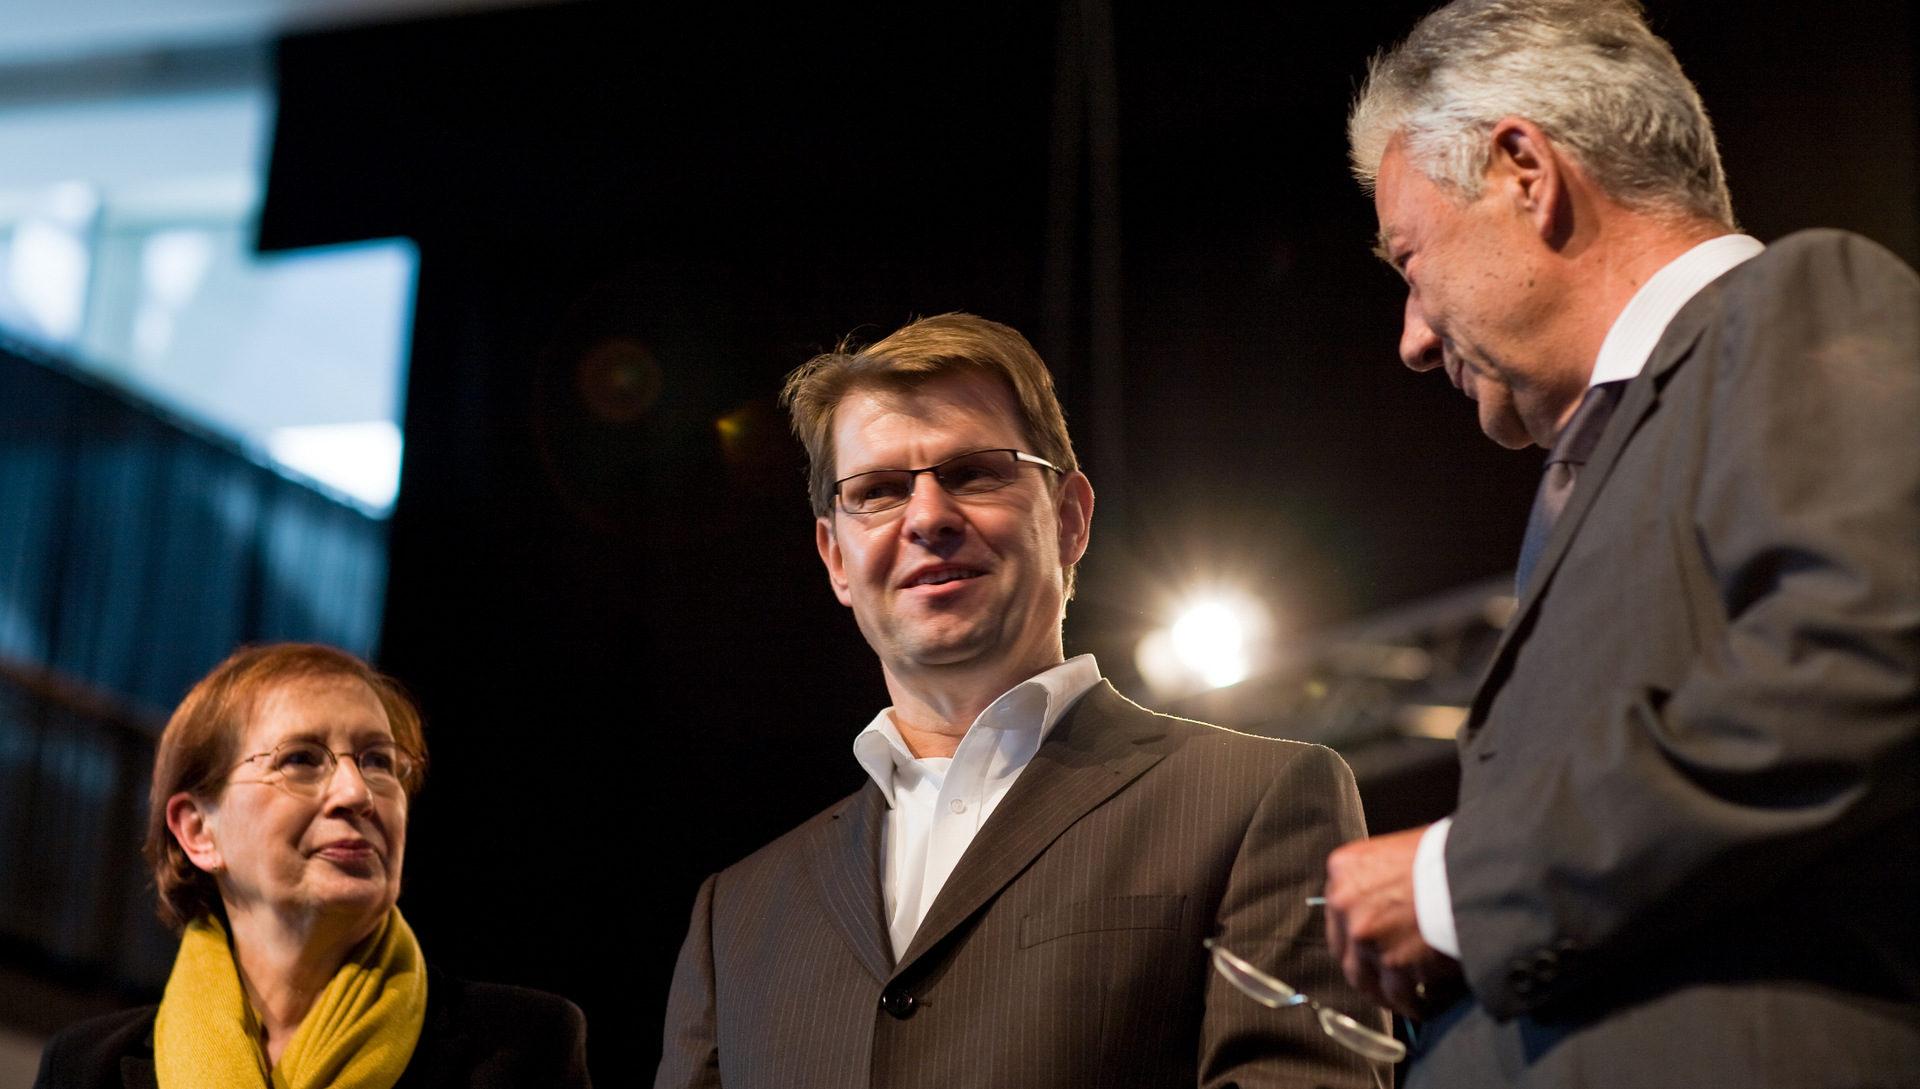 Heide Simonis, Ralf Stegner, Björn Engholm_Foto: Olaf Bathke